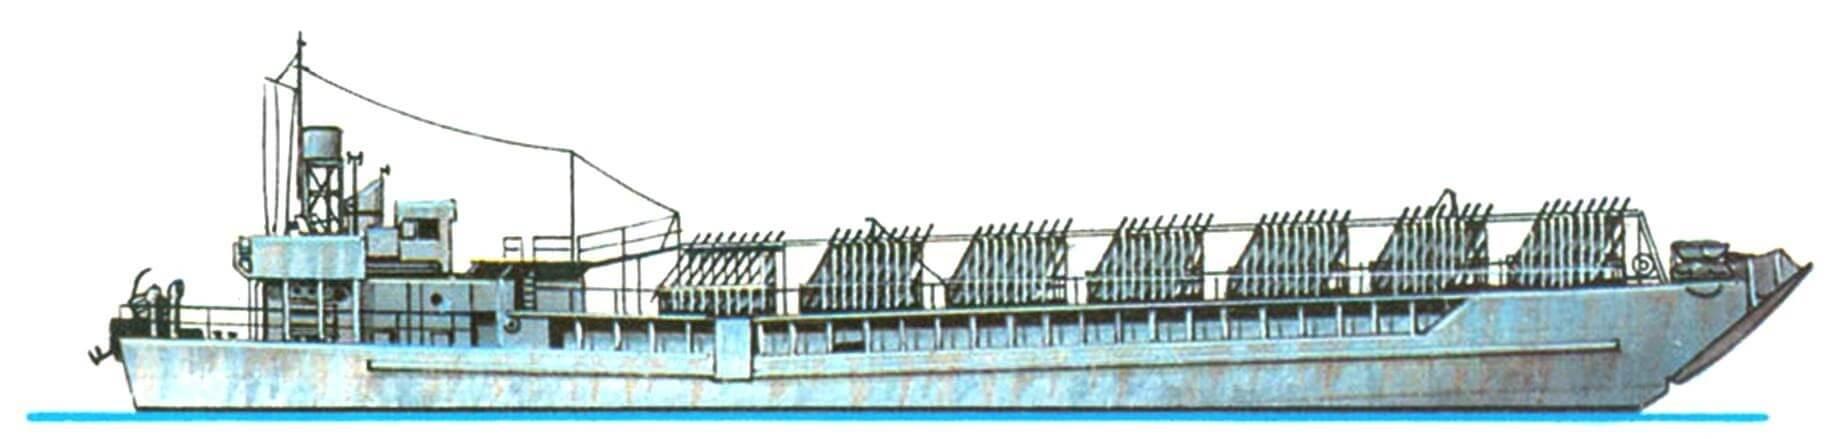 33. Корабль огневой поддержки десанта LCT(R), Англия, 1943 г. Водоизмещение стандартное 300 т, полное 570 т. Длина 58,5 м, ширина 9,5 м, осадка 2 м. Два дизельных двигателя общей мощностью 1000 л.с., скорость 9 — 10 узлов. Вооружение: 1080 реактивных снарядов, два 20-мм автомата.